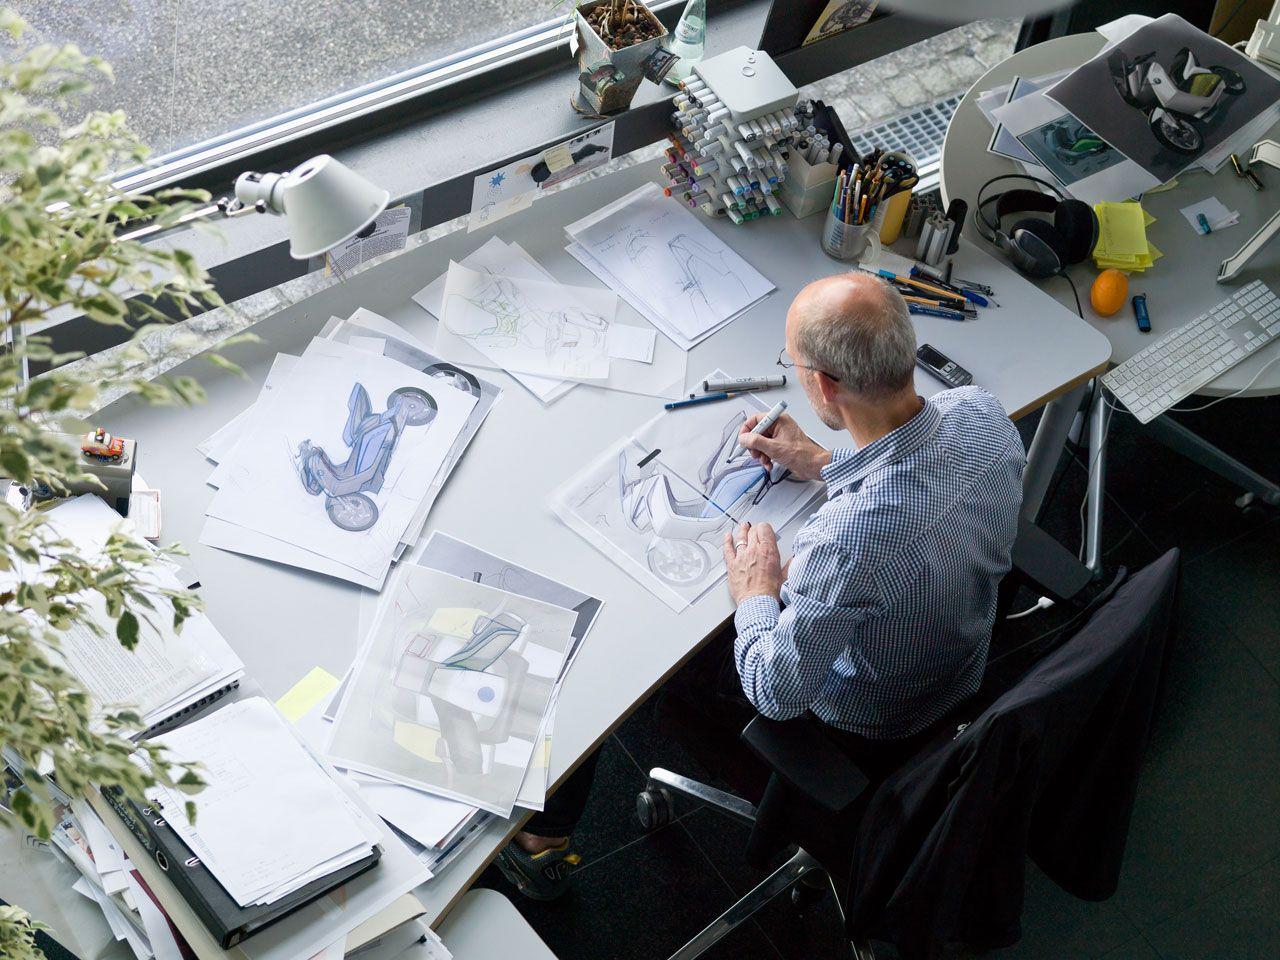 BMW Concept e Design Process